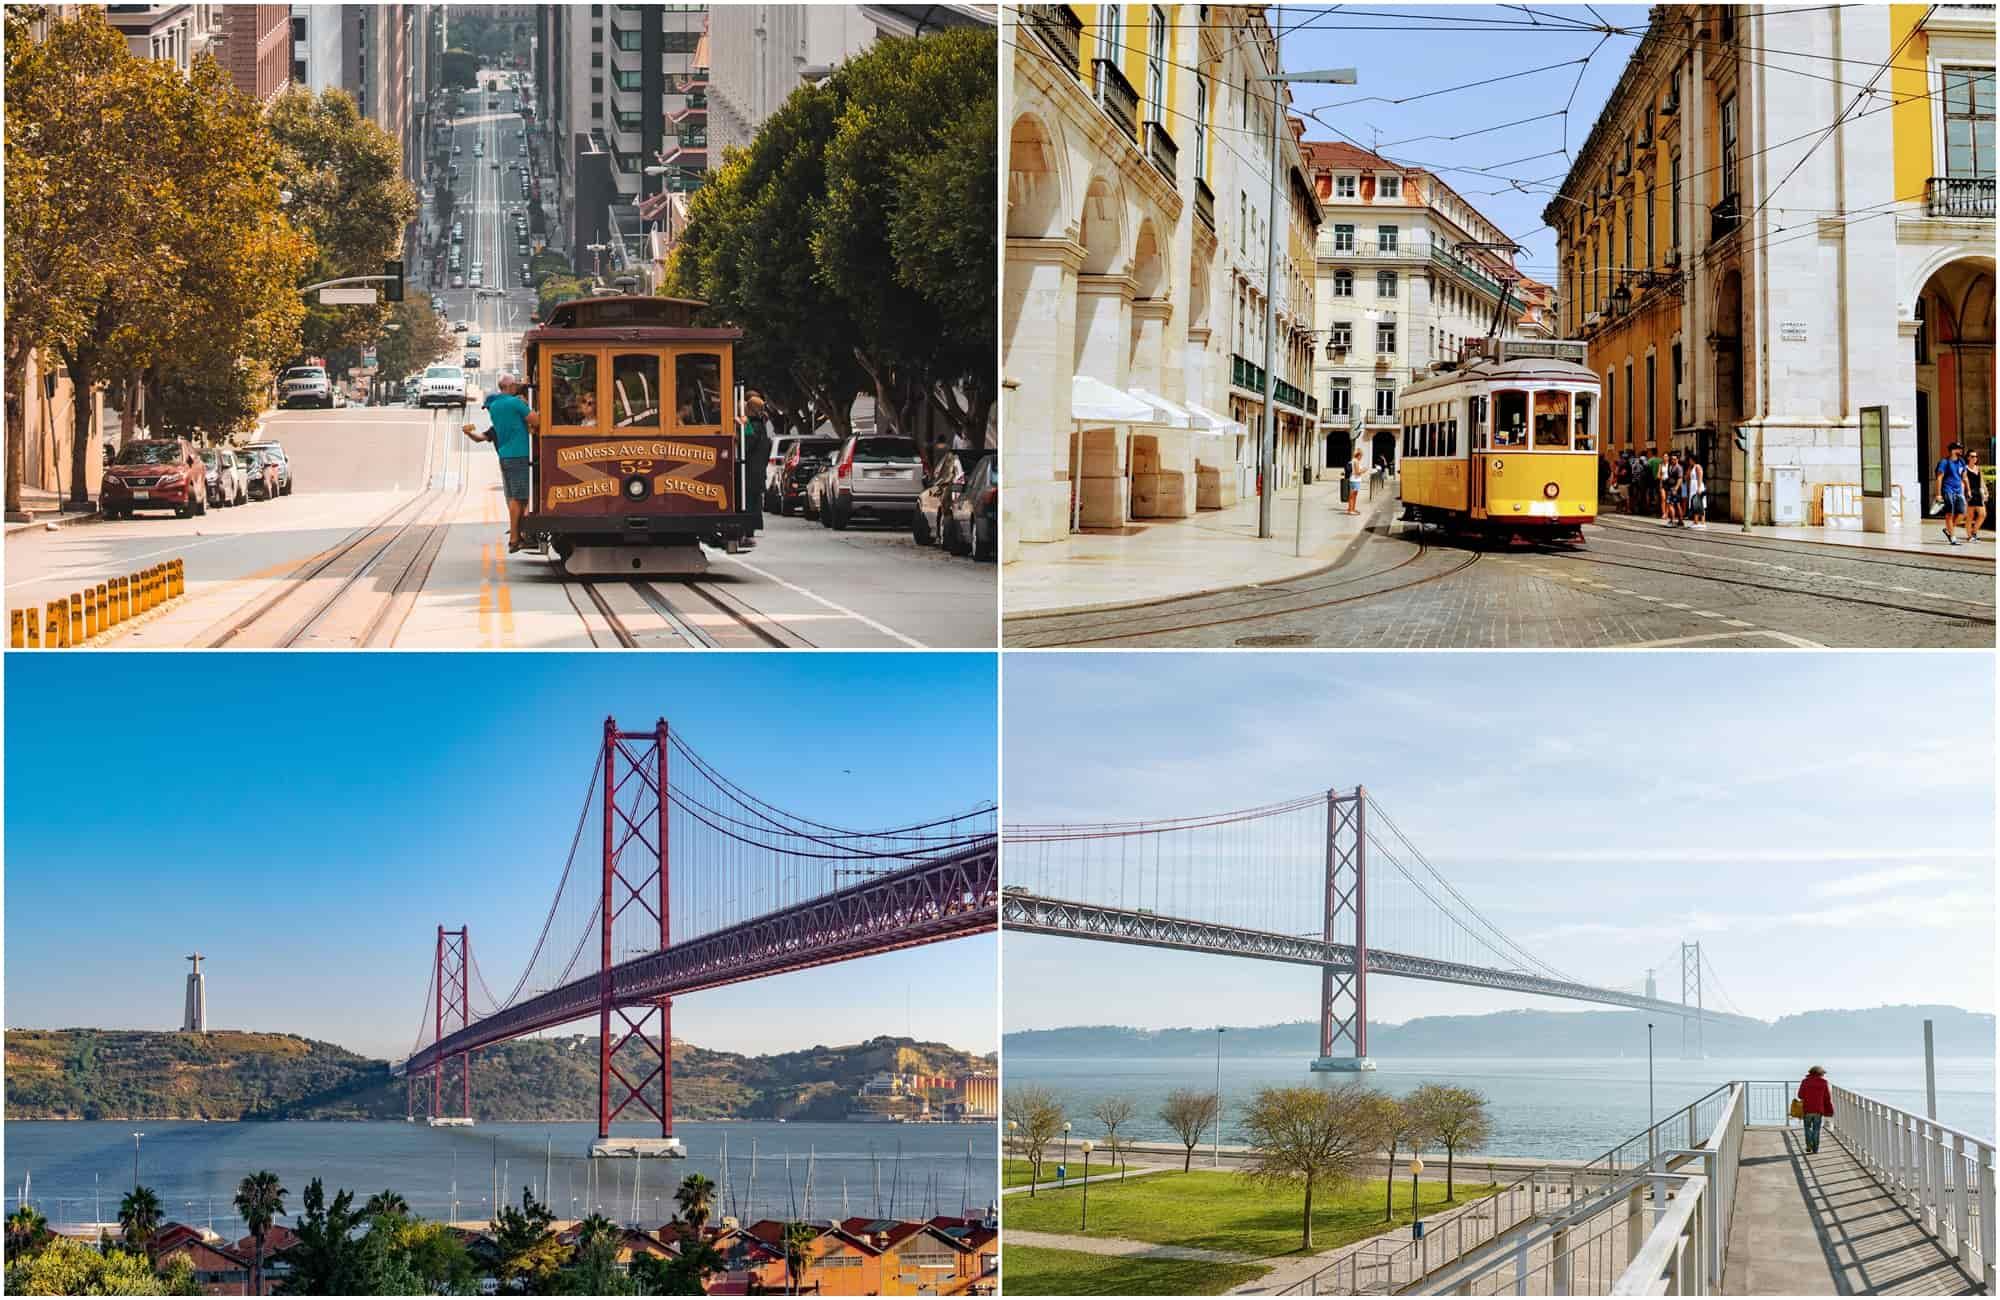 Voyage Portugal - San Francisco - Amplitudes